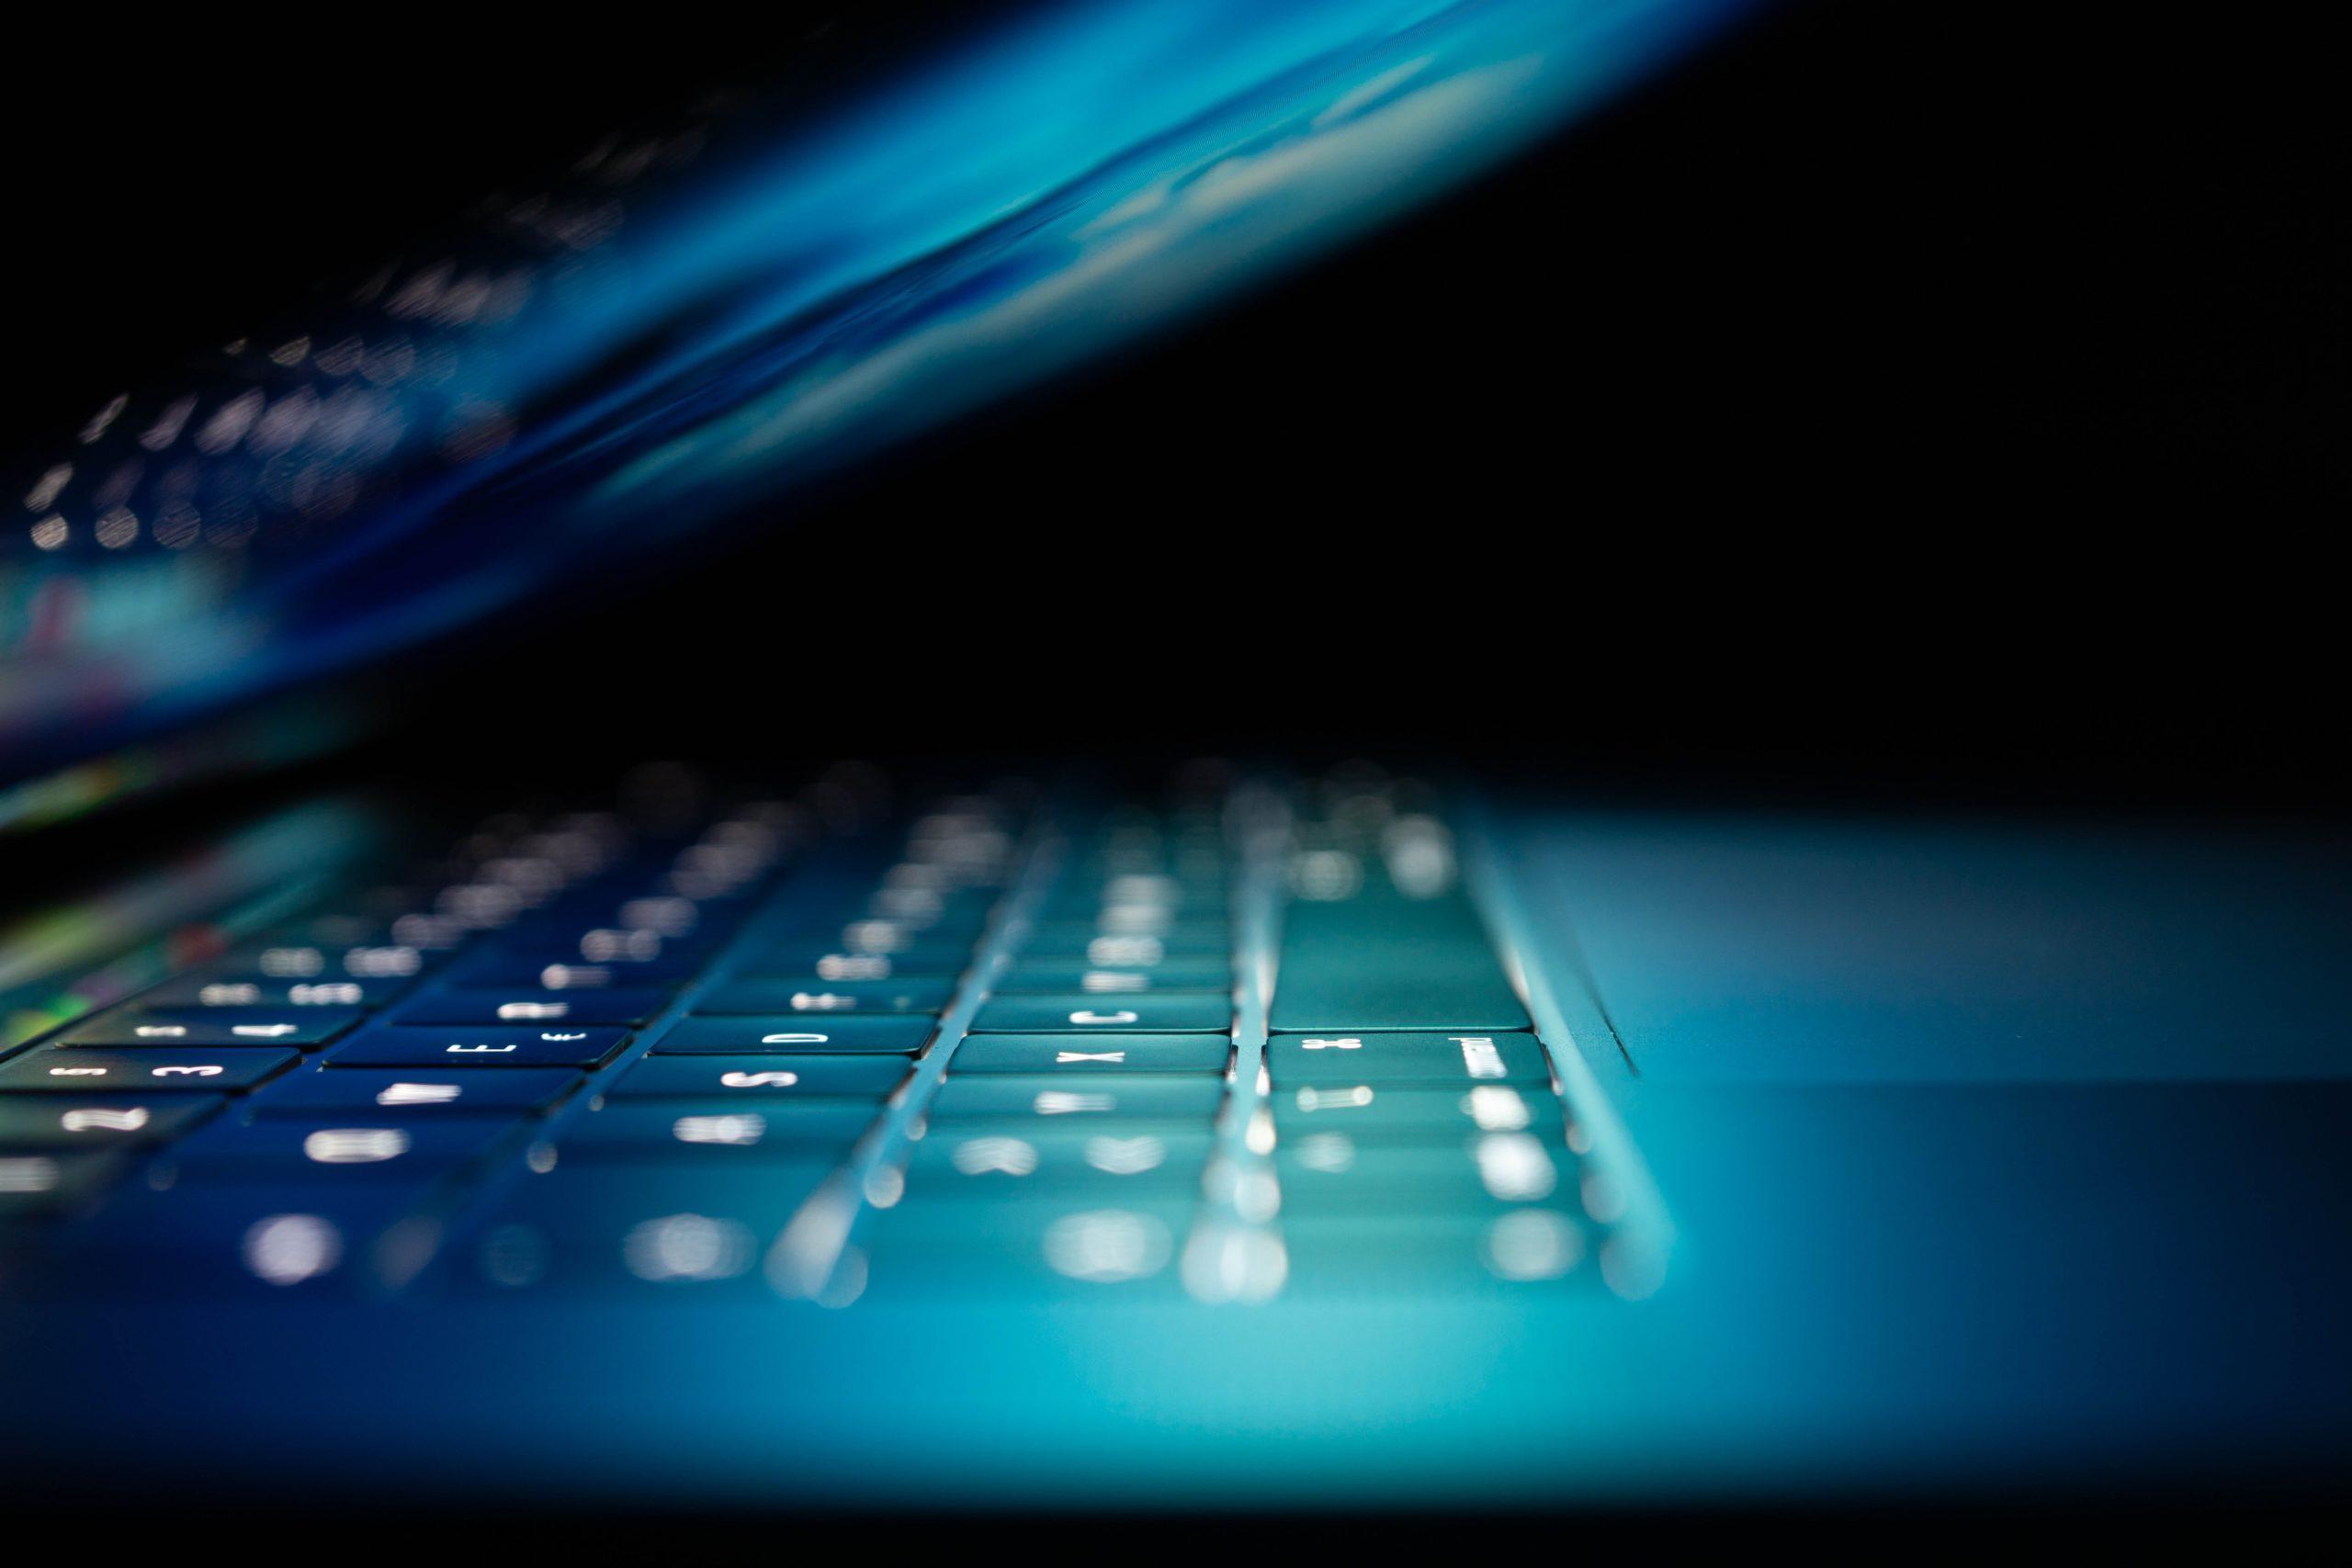 l-operation-#-open-solidarity-permet-aux-entreprises-de-decouvrir-une-cinquantaine-d-applications-cloud-pour-se-digitaliser.